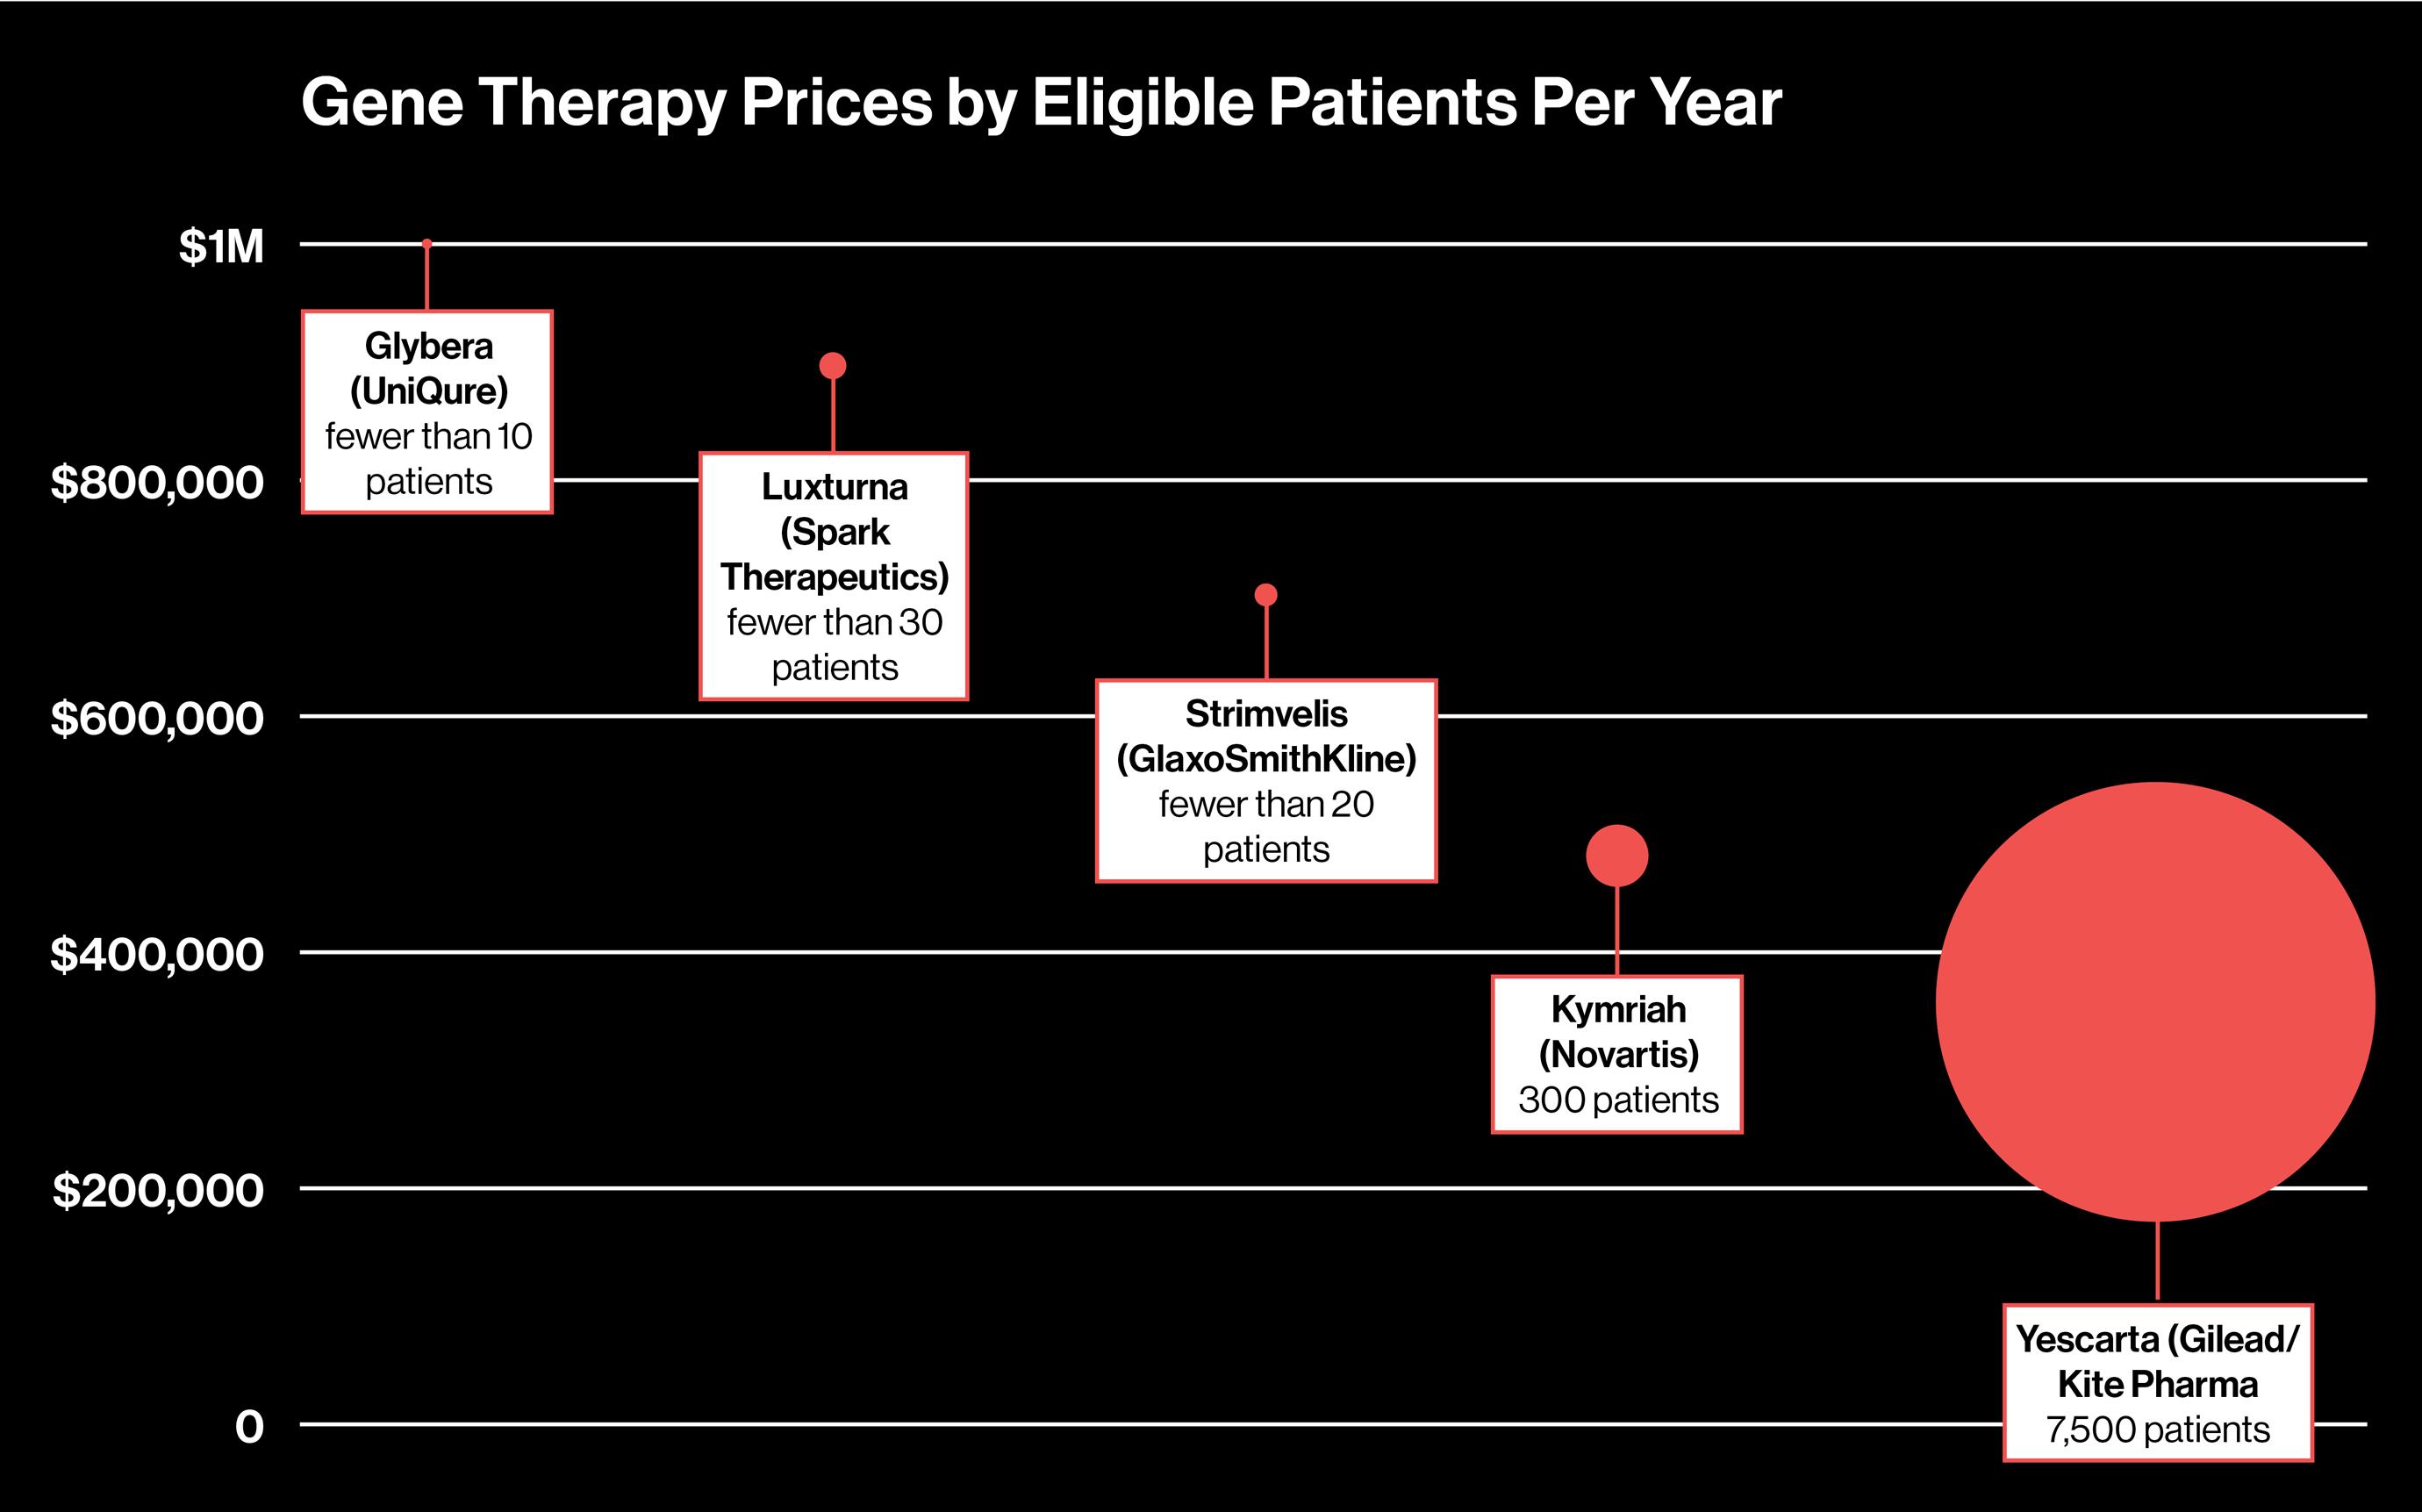 Koszty terapii genowych które przeszły badania kliniczne